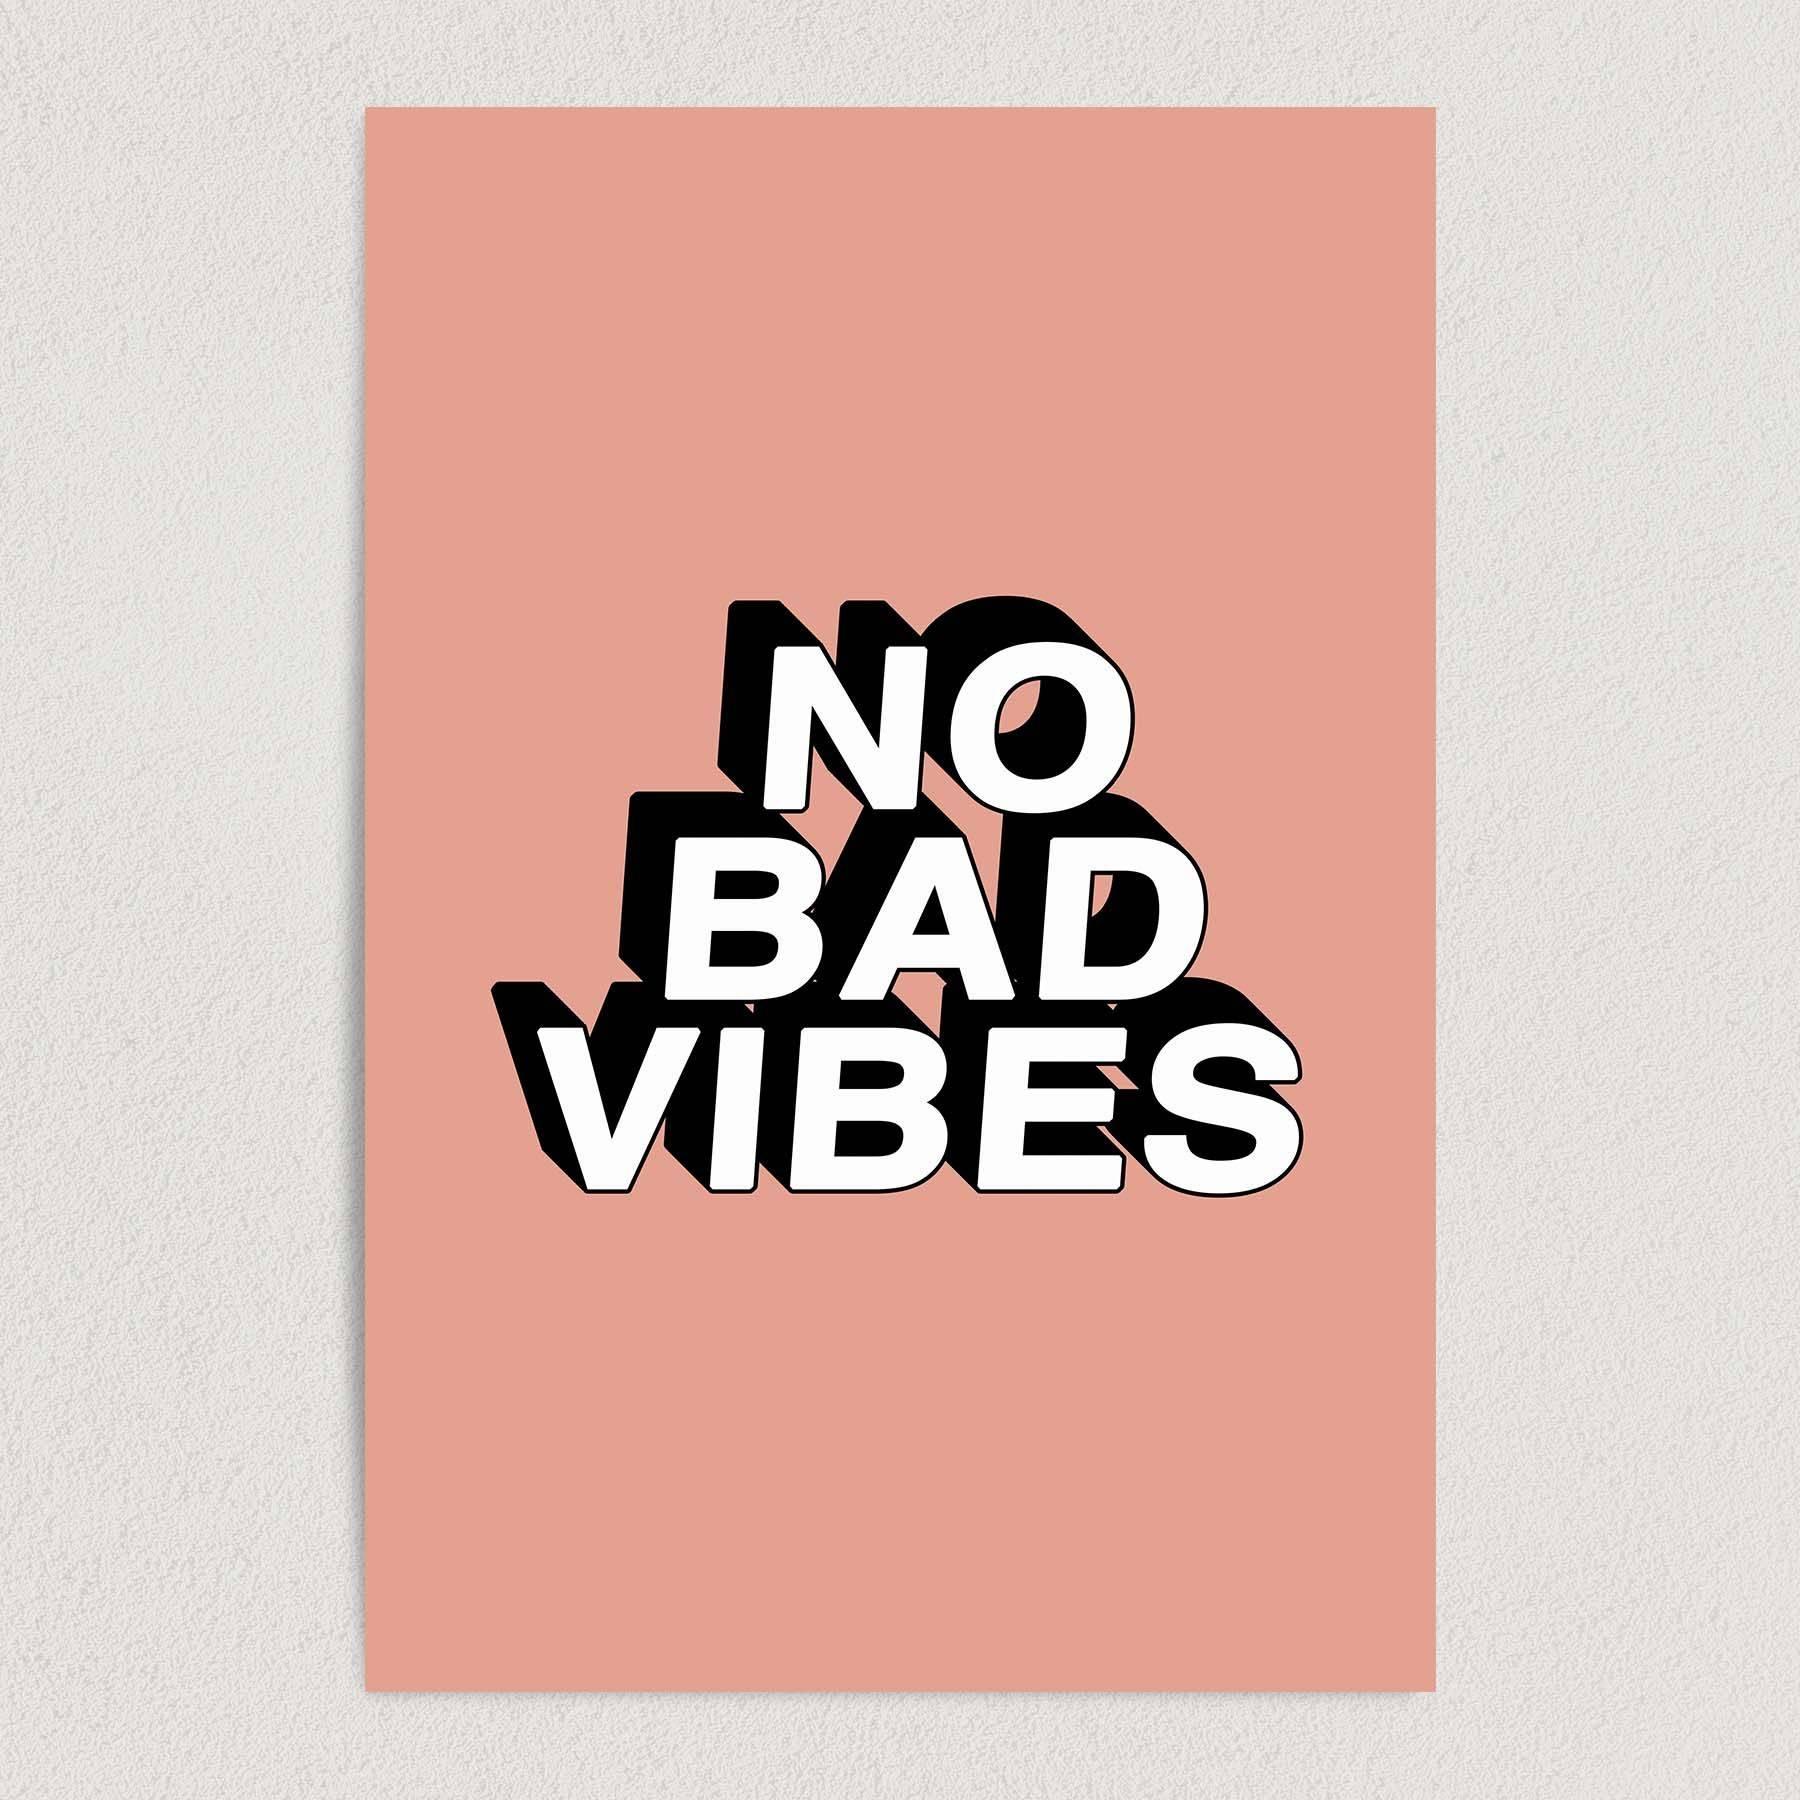 No Bad Vibes Art Print Poster Wall Art QR1010